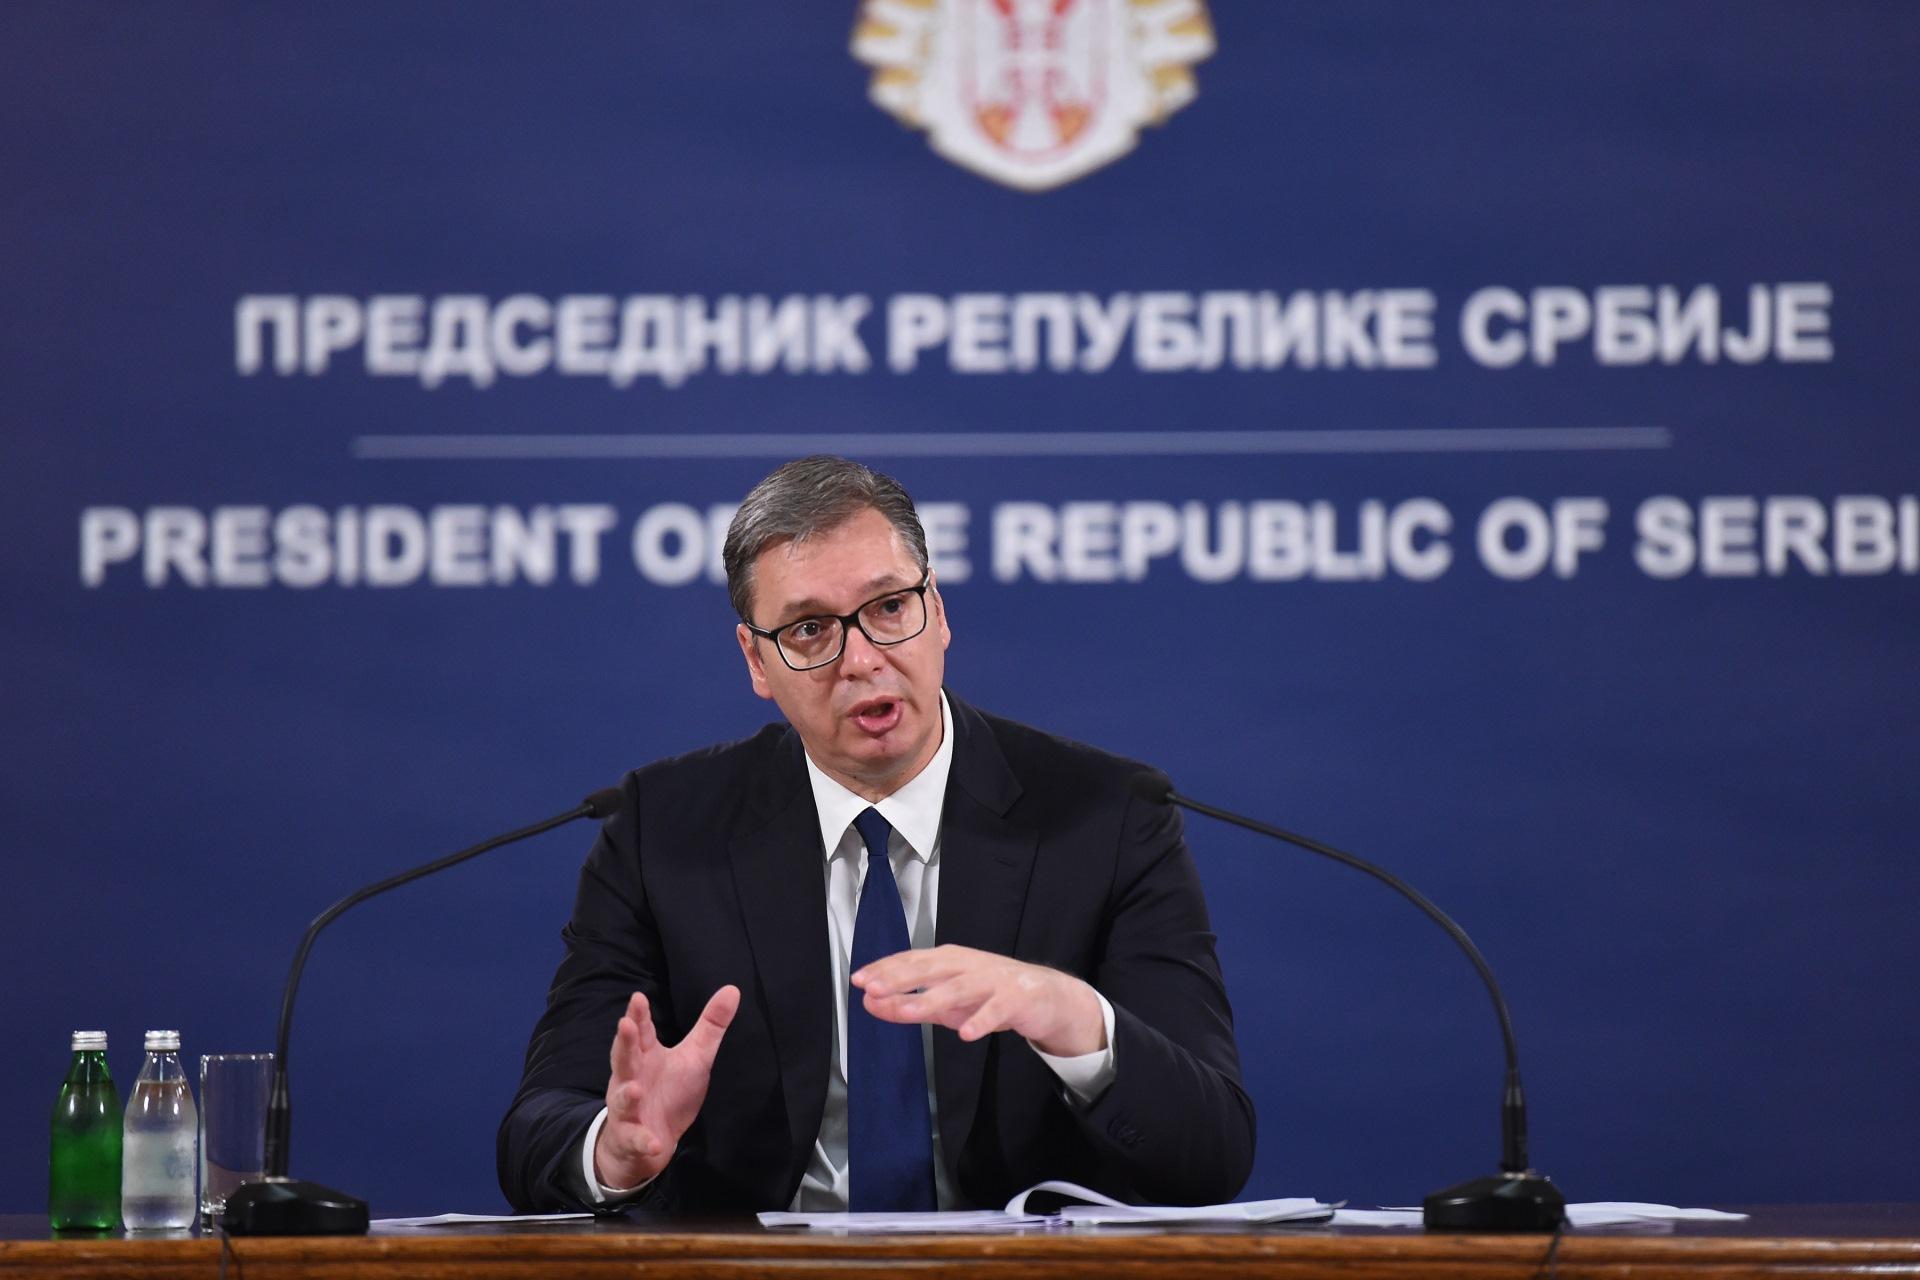 Вучић на конференцији за медије поводом тешким момената на Косову и Метохији